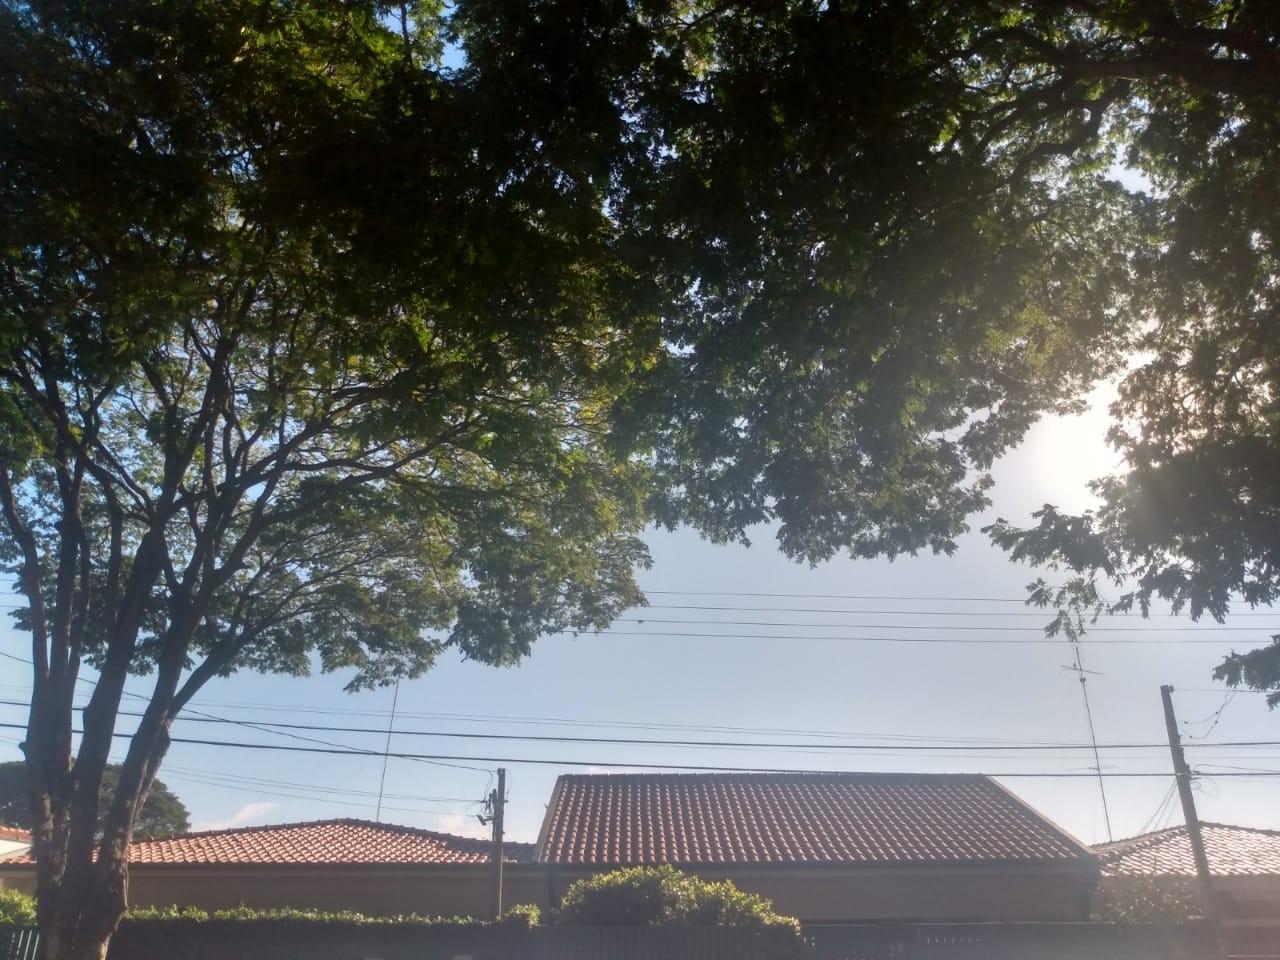 Umidade do ar em Campinas chega a 29,3% e cidade entra em estado de atenção, diz Defesa Civil